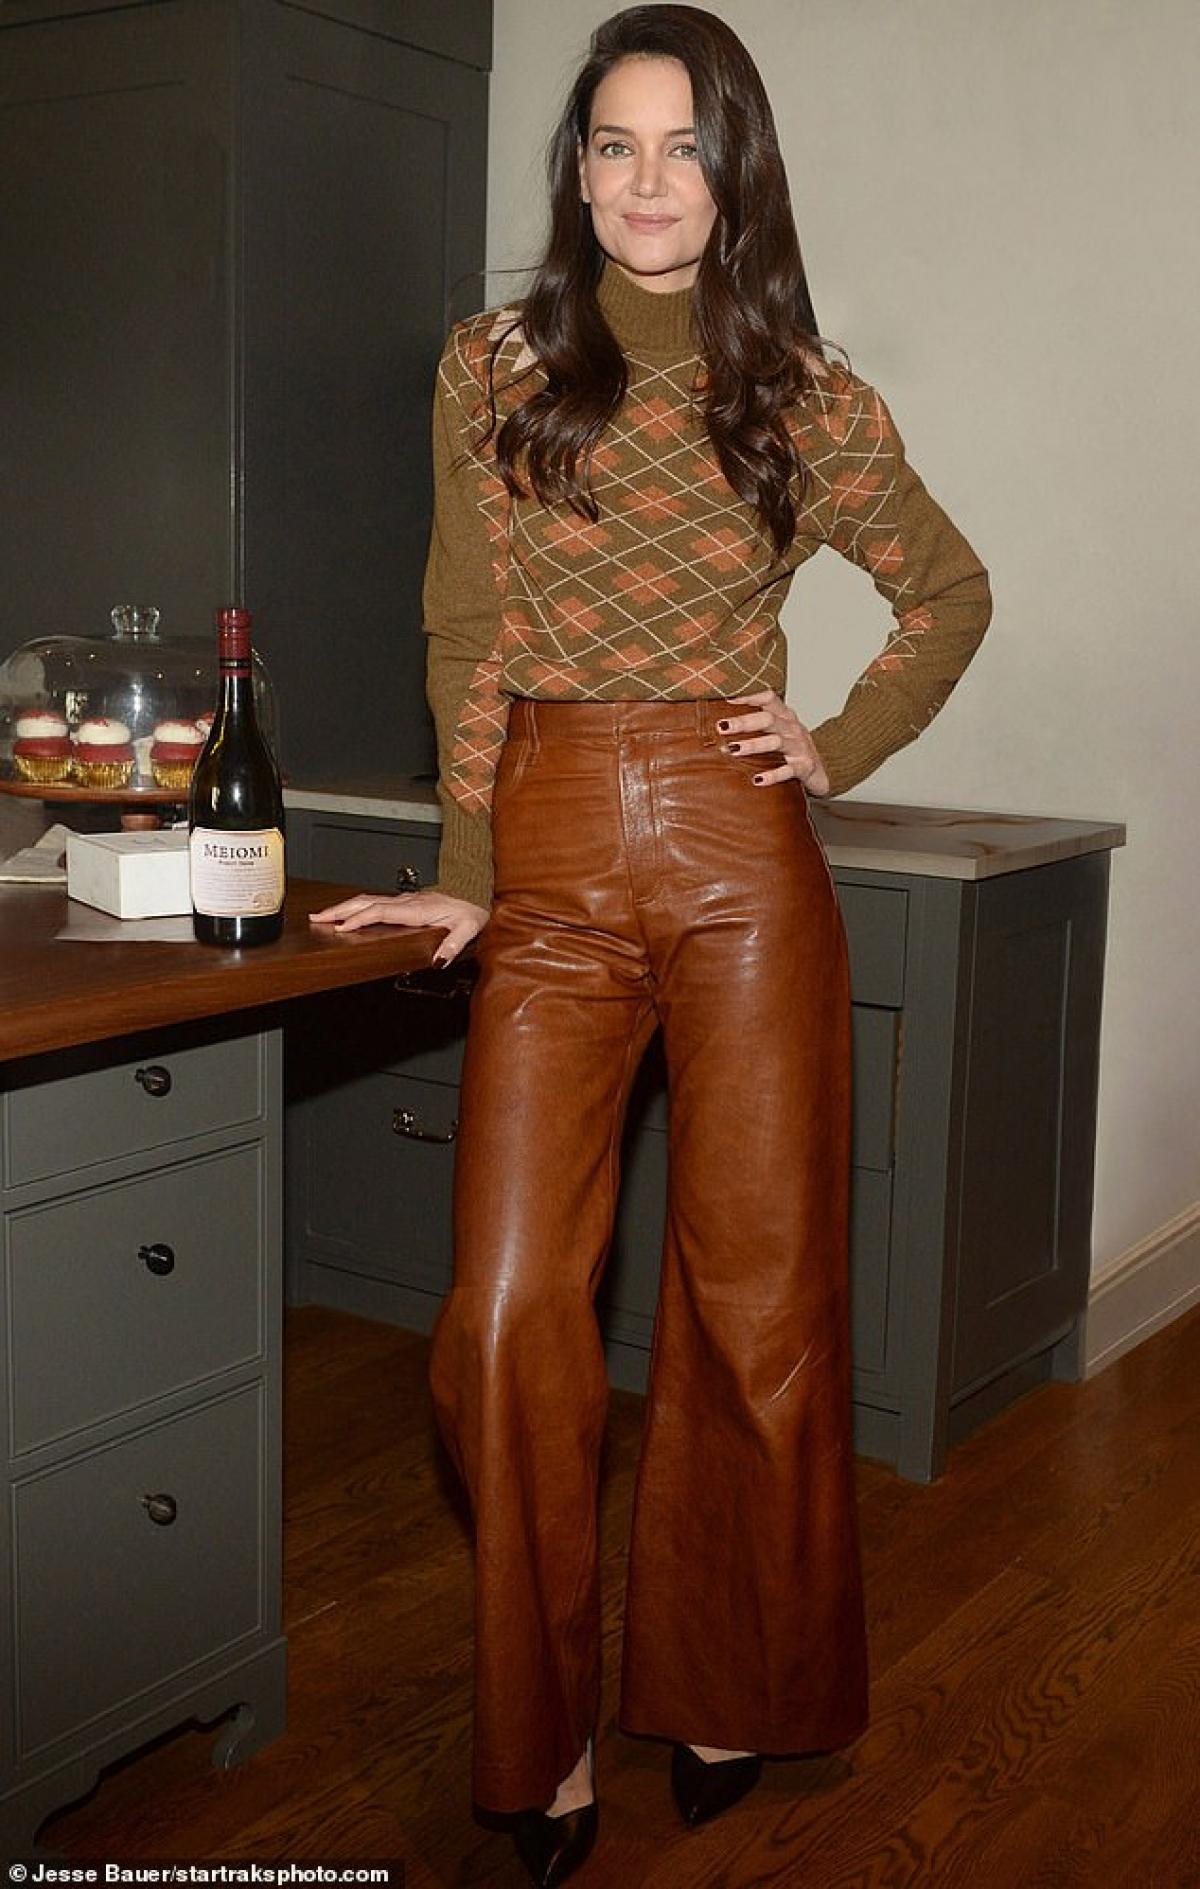 Nữ diễn viên trang điểm nhẹ nhàng, diện áo len và quần da sành điệu.